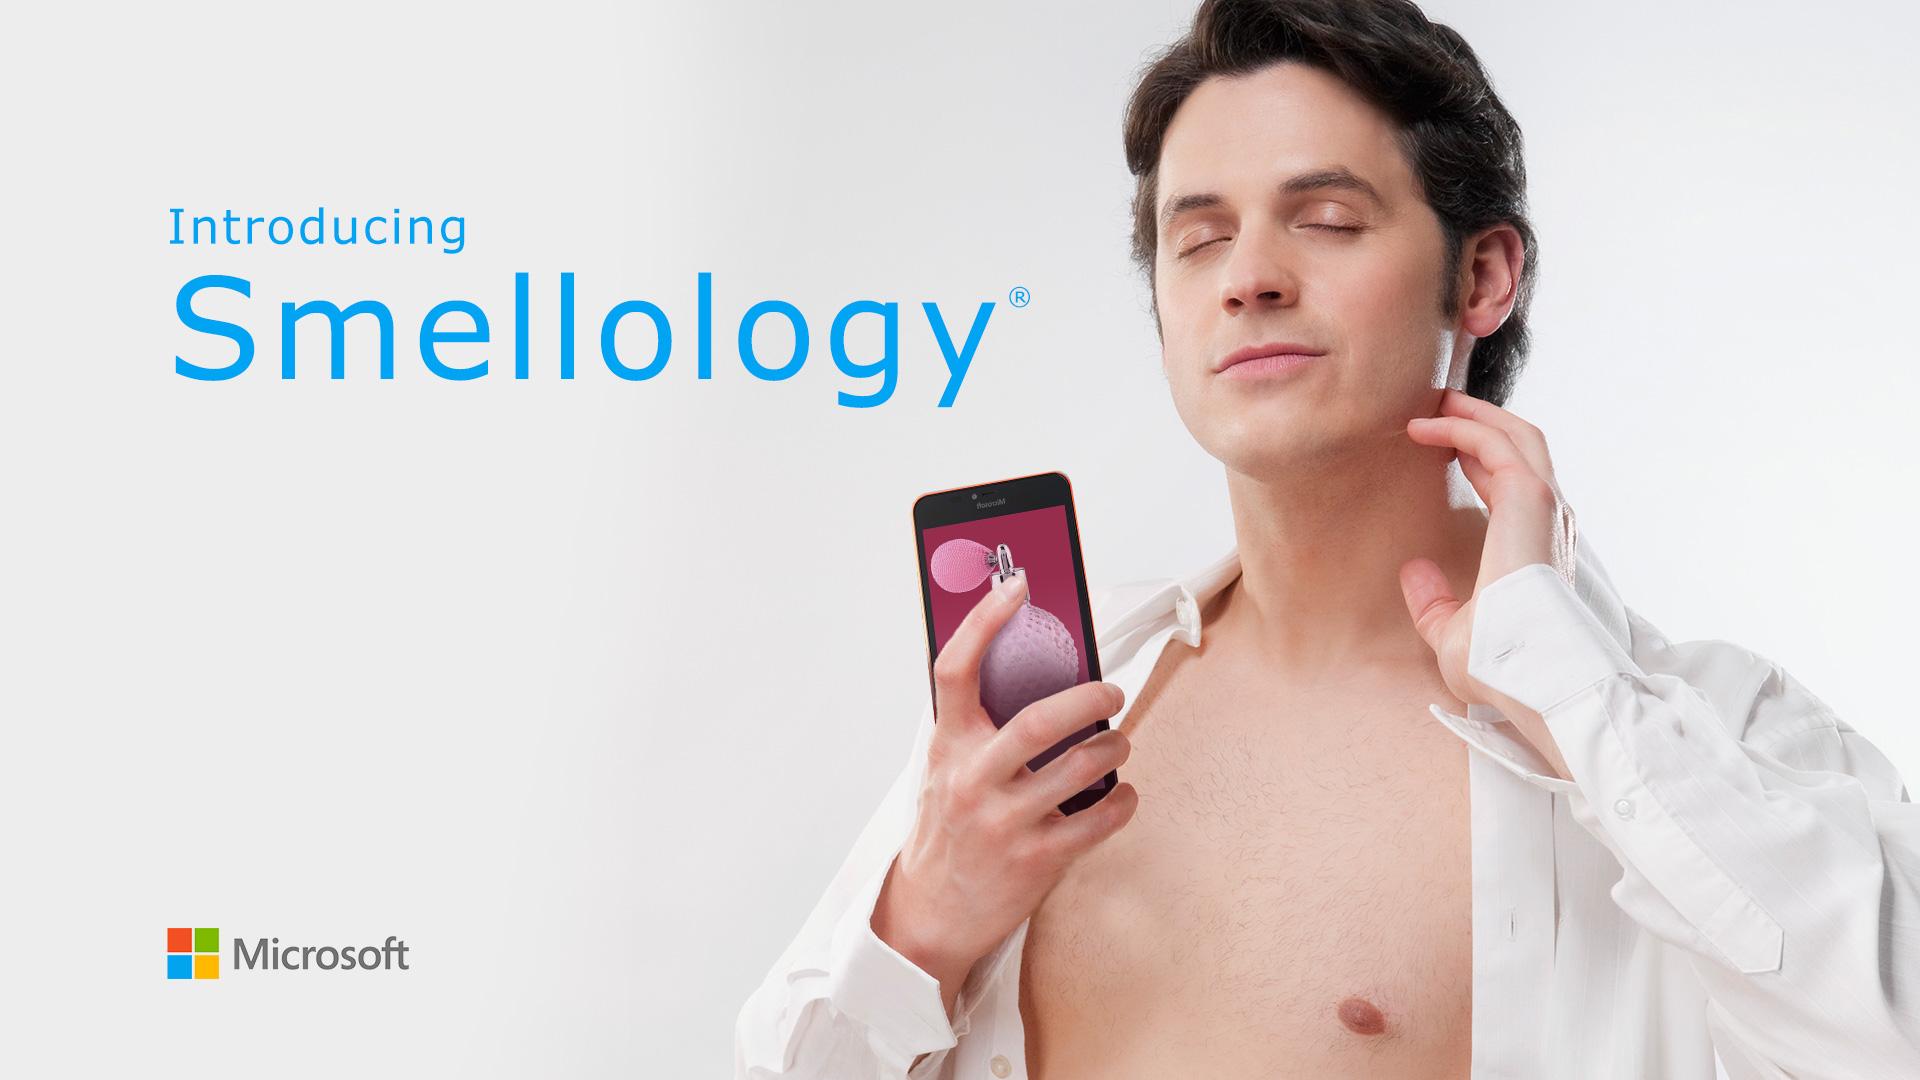 smellology.jpg